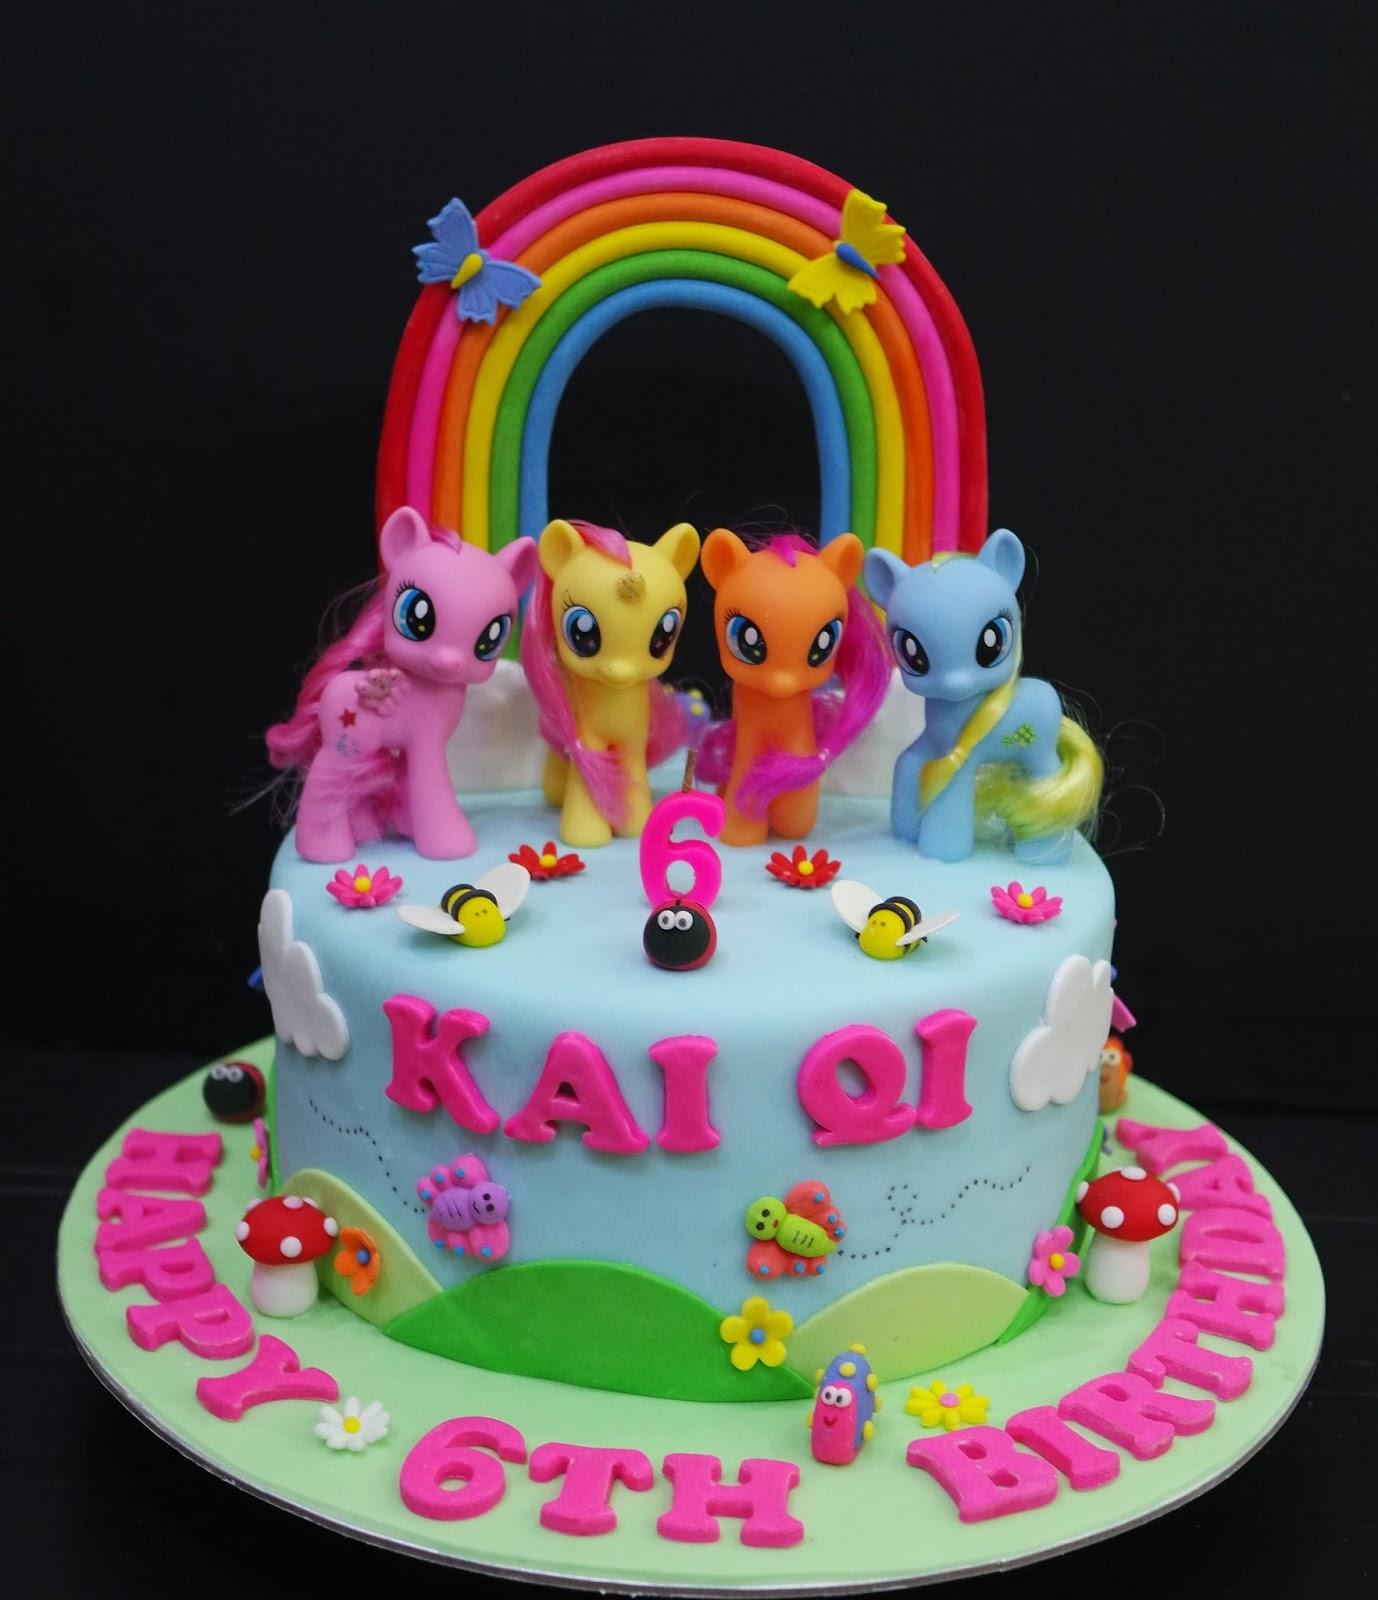 Cupcake Divinity Kai Qis Pony cake